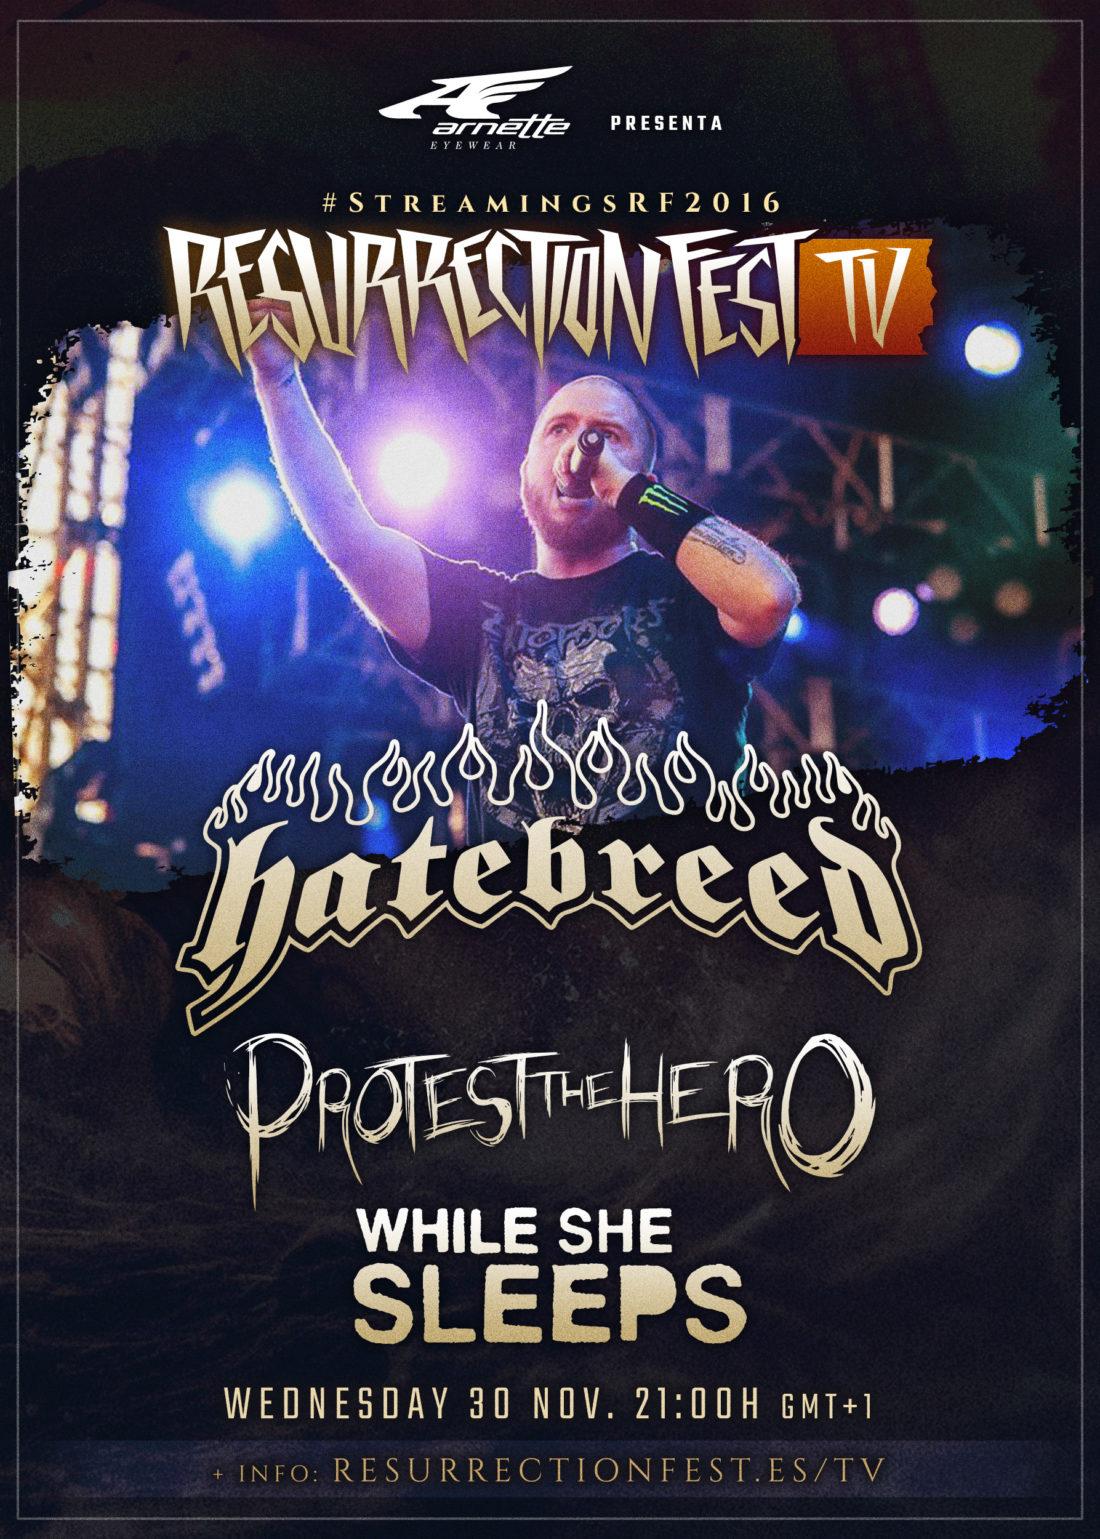 Primeros conciertos en streaming en nuestra Resurrection Fest TV: Hatebreed, Protest The Hero y While She Sleeps